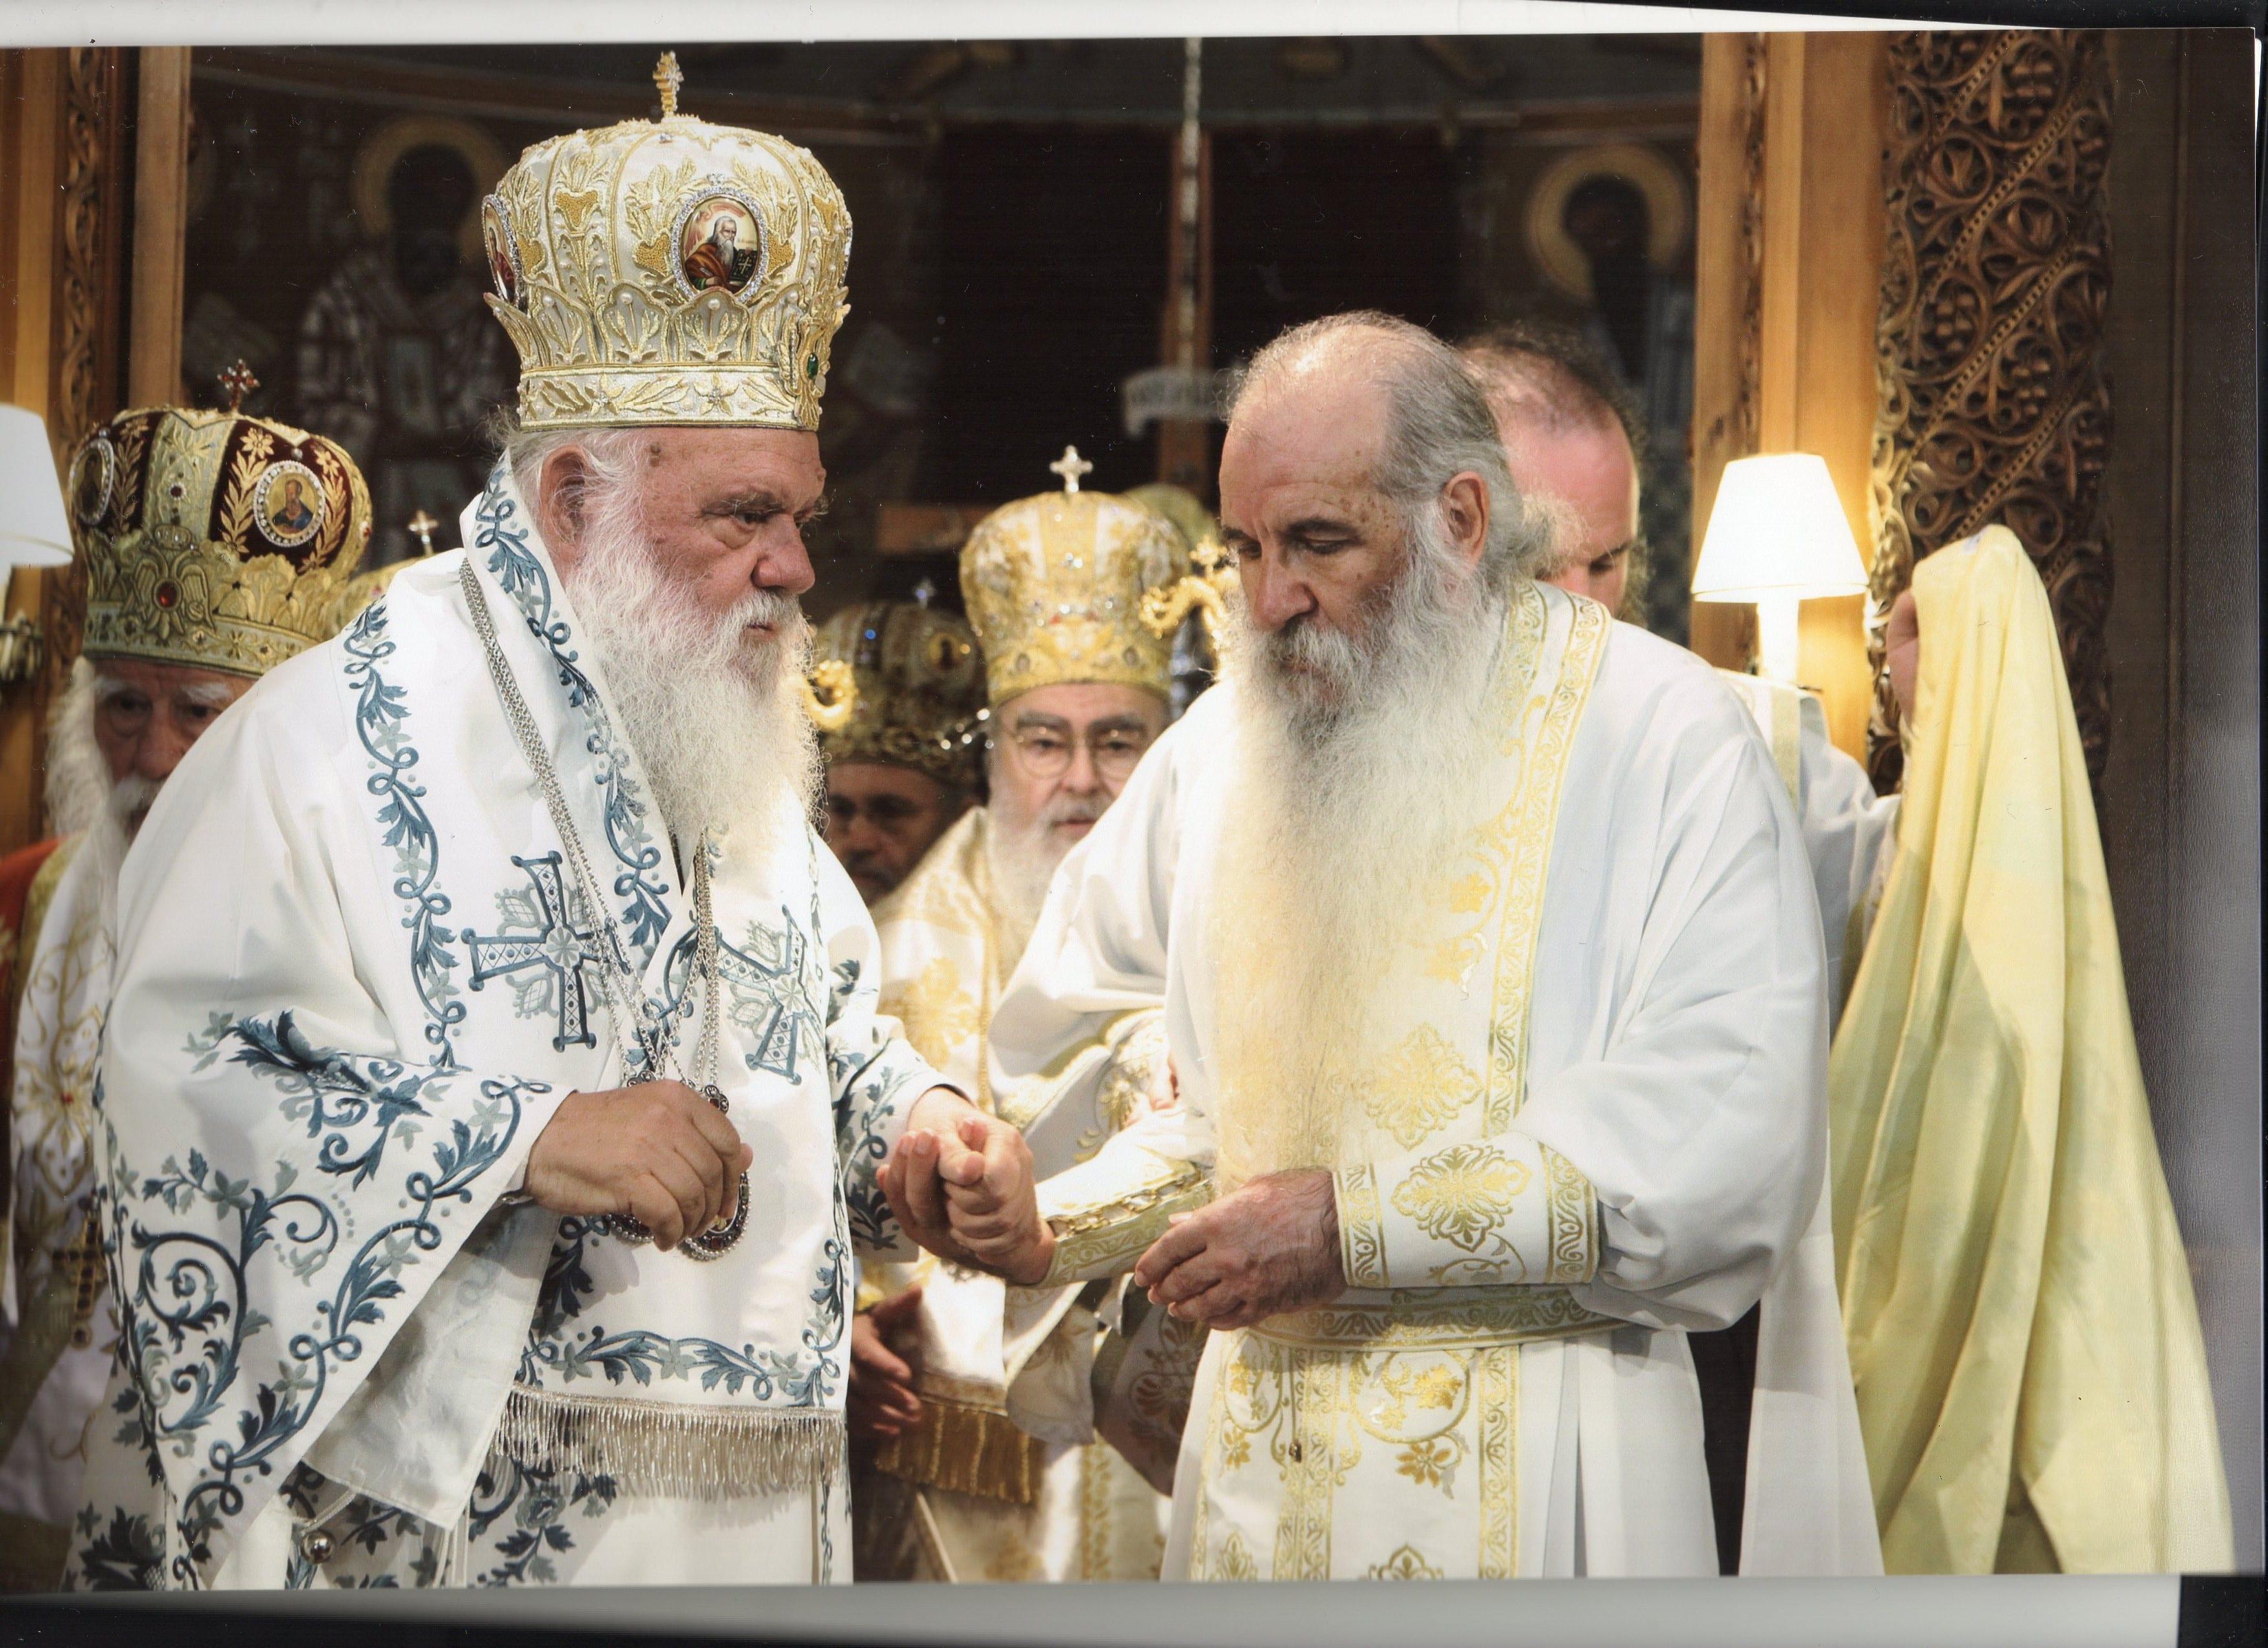 Ο Αρχιεπίσκοπος Ιερώνυμος (αριστερά) με τον Μακαριστό Μητροπολίτη Κεφαλλονιάς Φωκά.